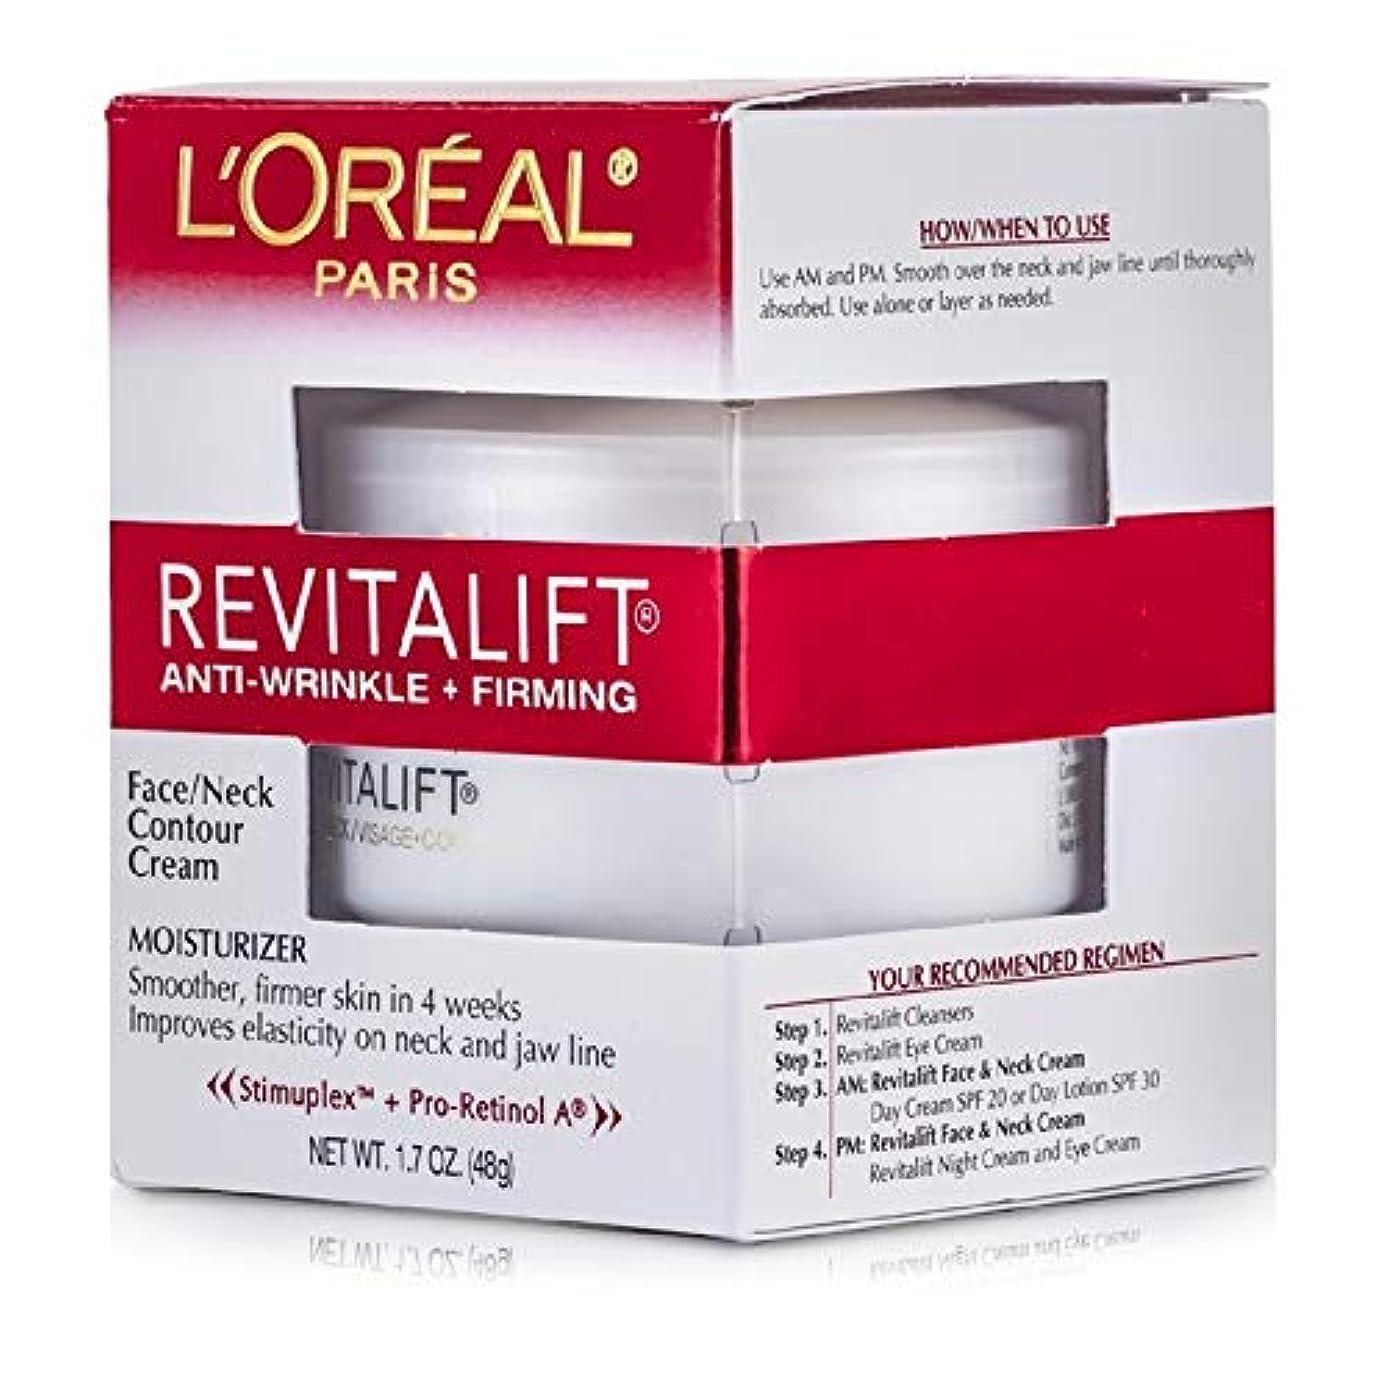 利用可能持ってる中断ロレアルパリ リバイタリフトアンチリンクル+ファーミングフェイス ネックコントゥールクリーム 48g